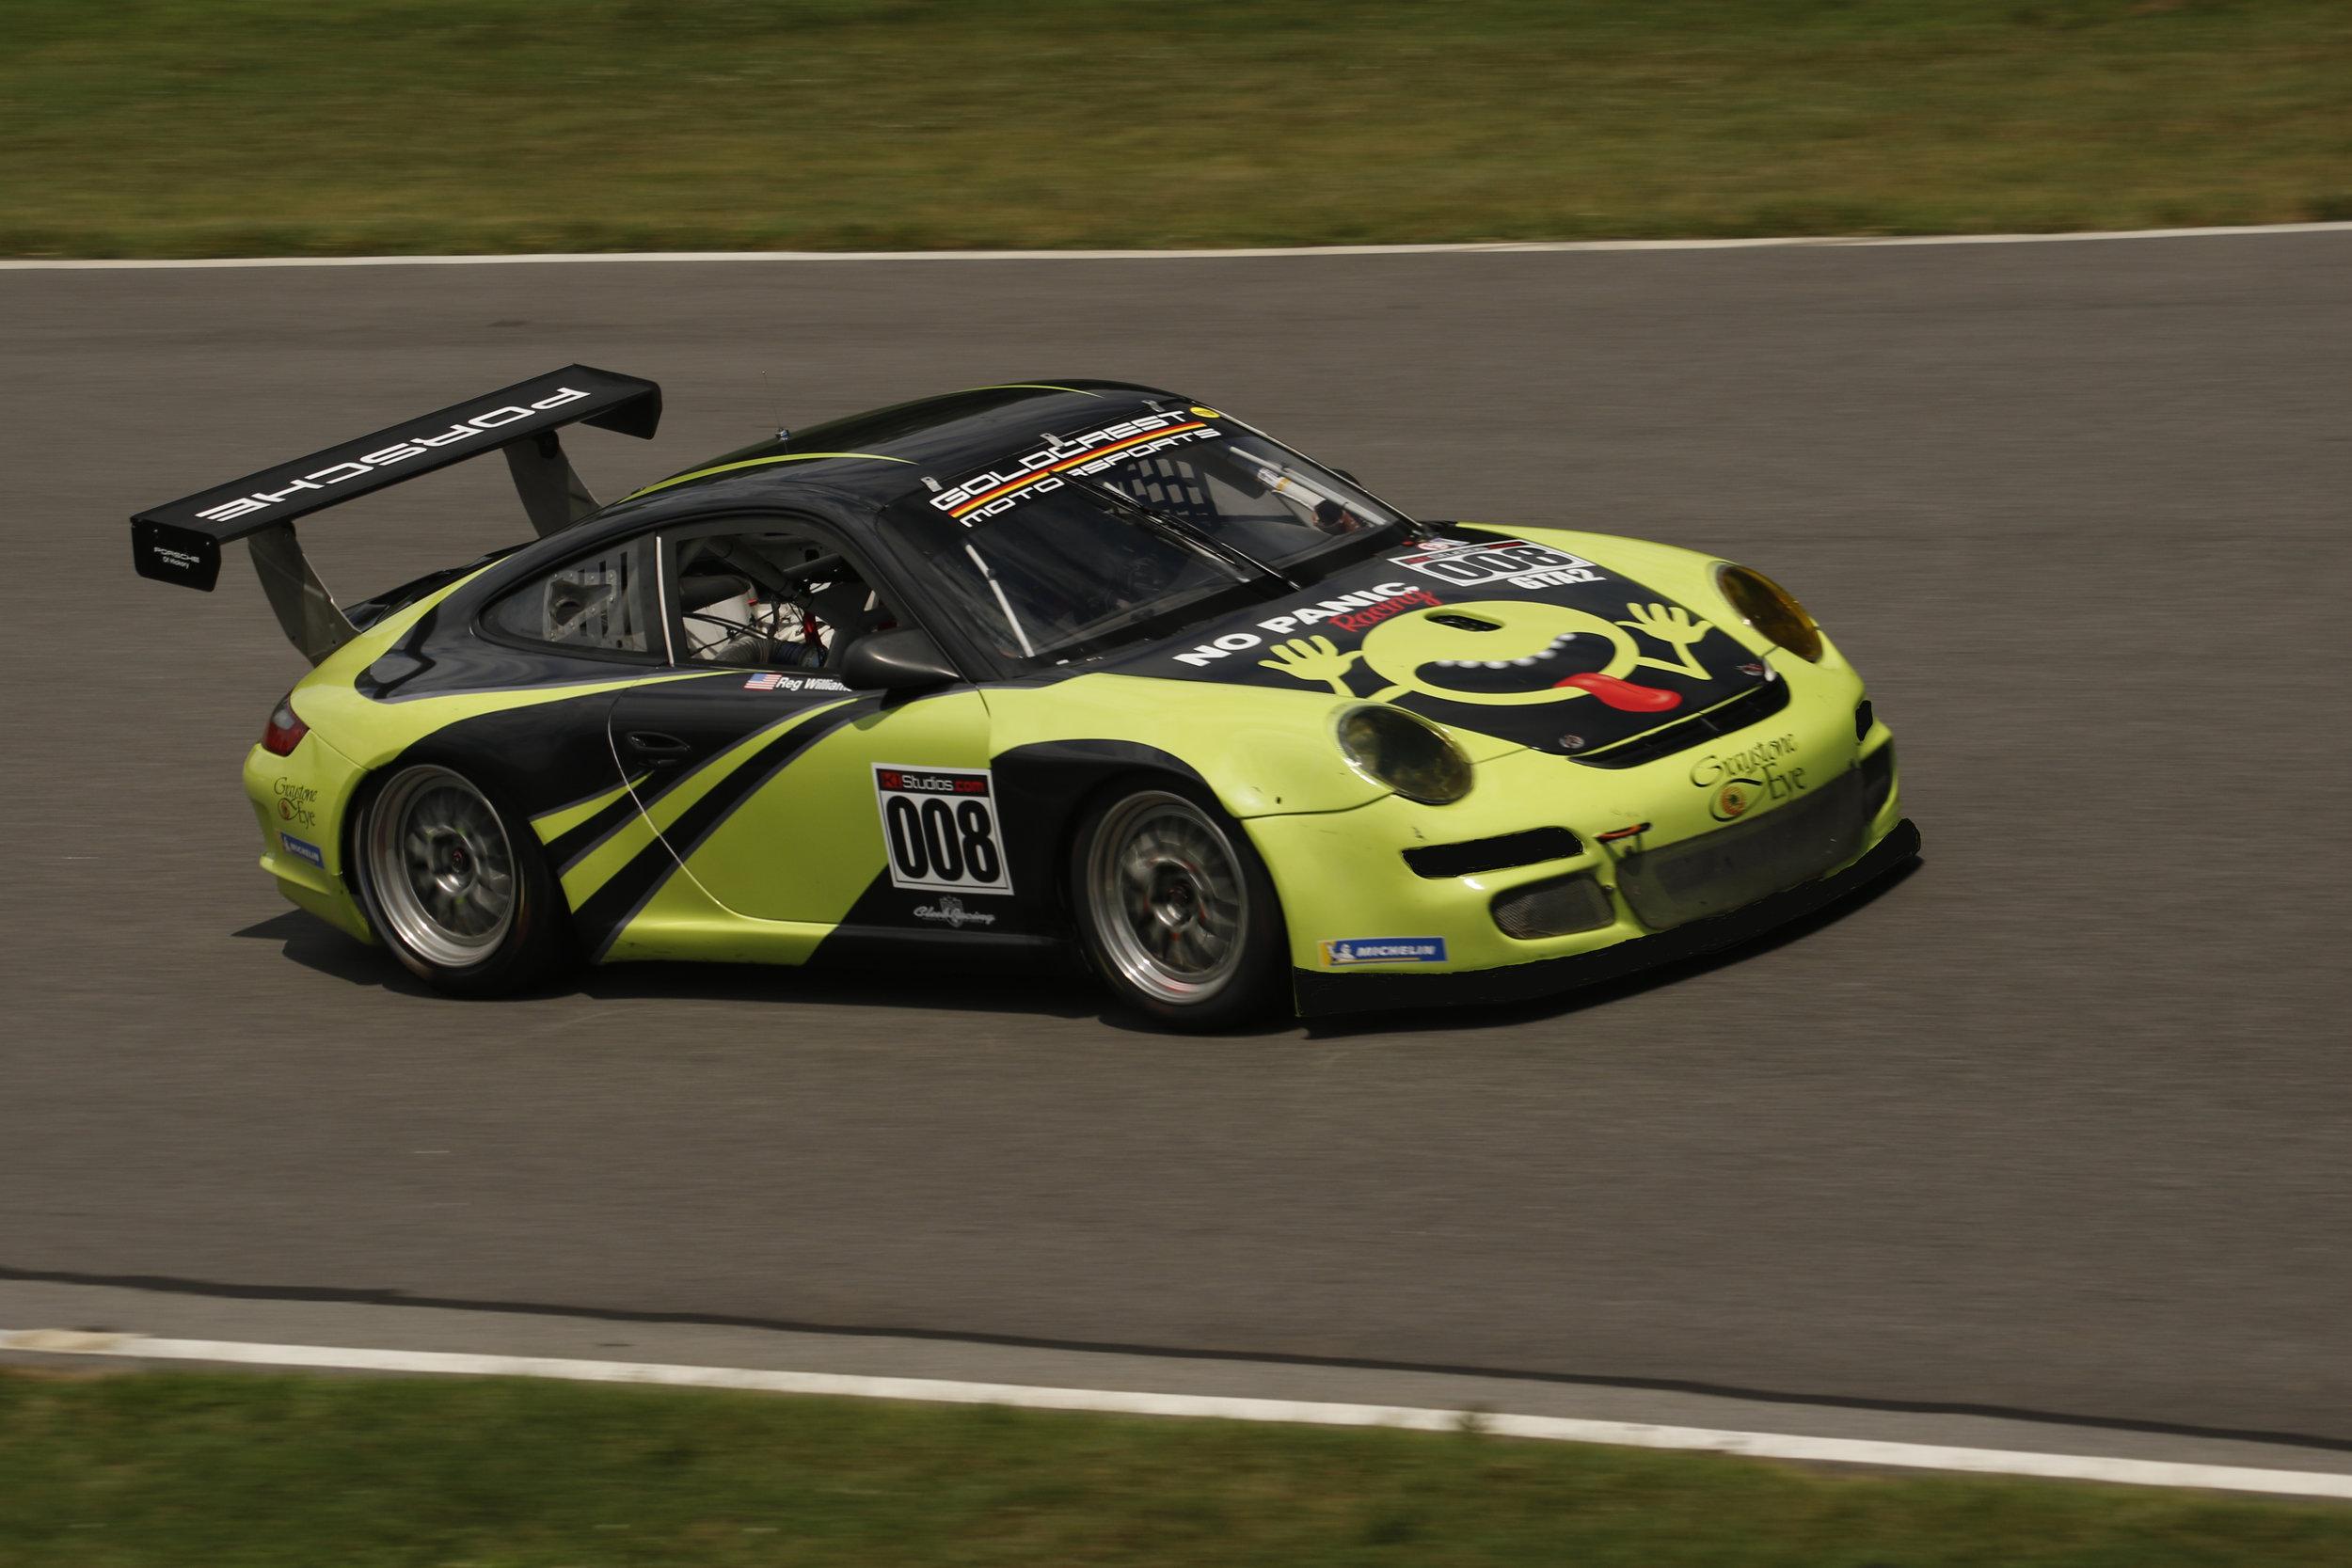 2009 Porsche GT3 Cup